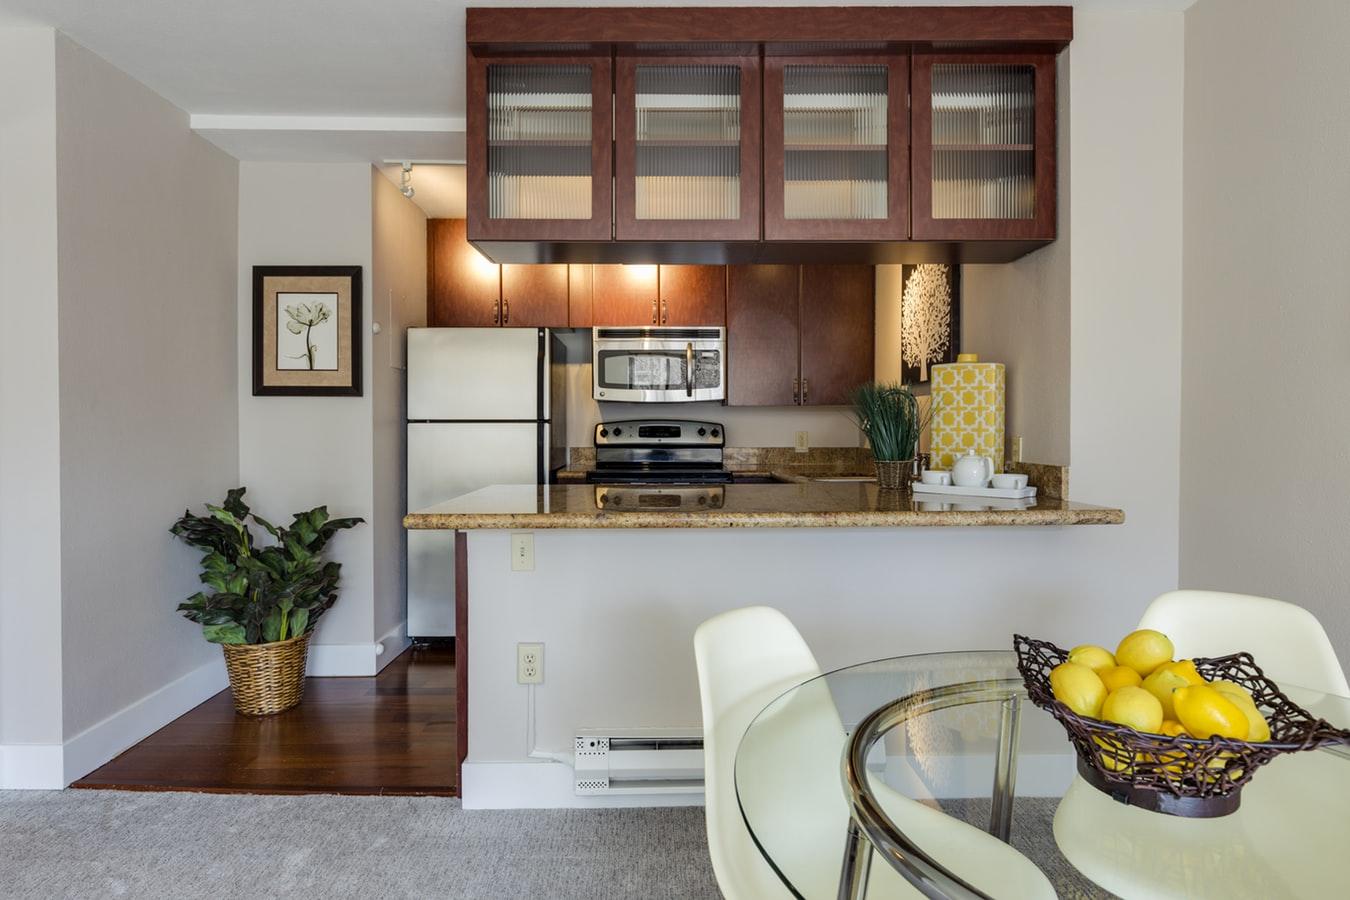 Kako da sredite vaš mali stan tako da bude udoban i funkcionalan?